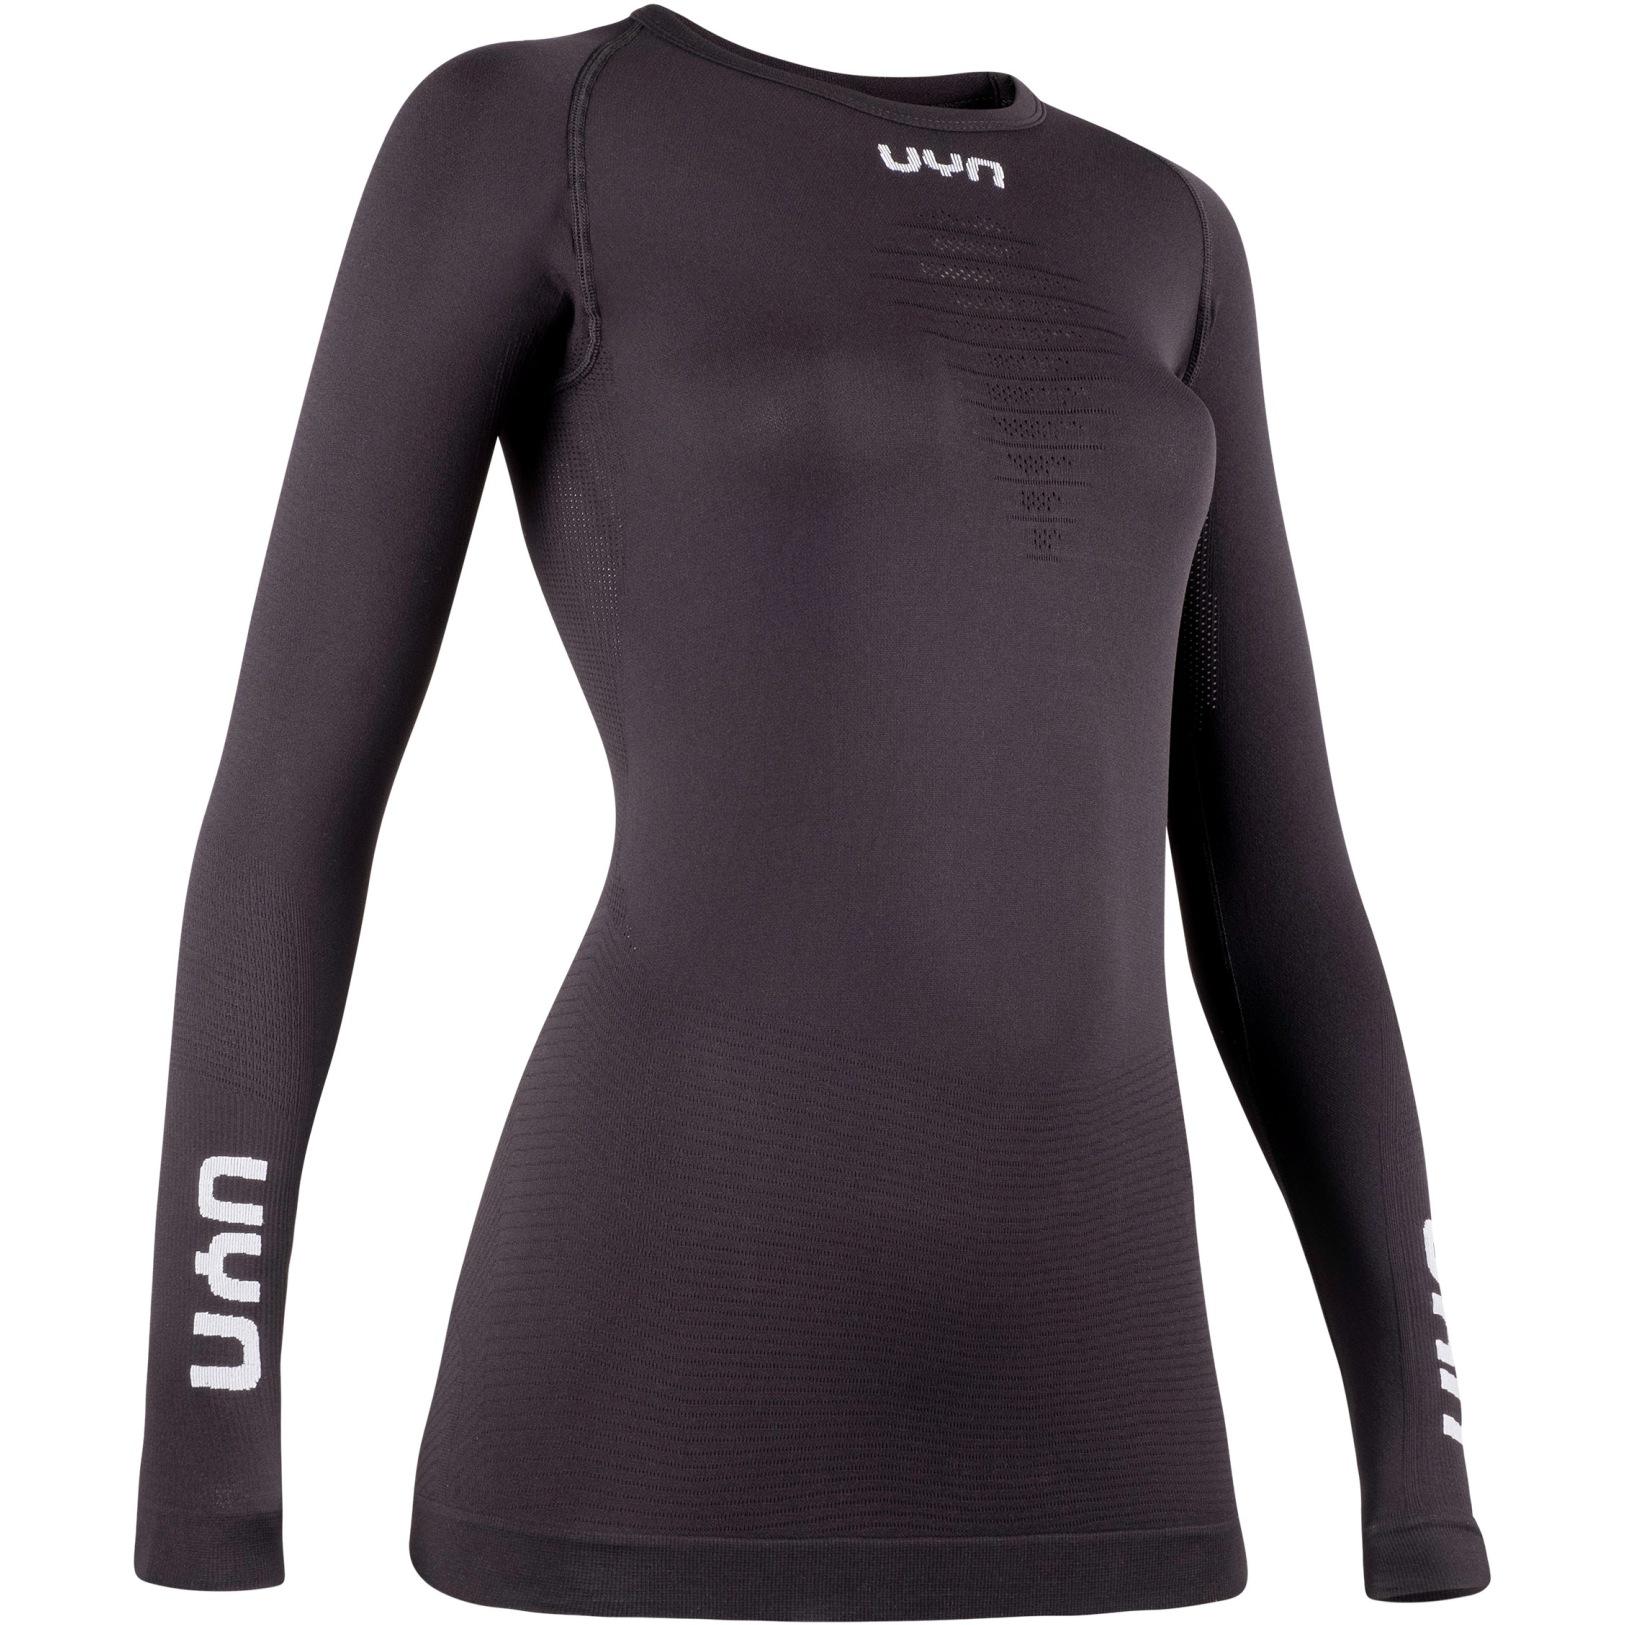 Bild von UYN Energyon Underwear Langarmshirt Damen - Schwarz